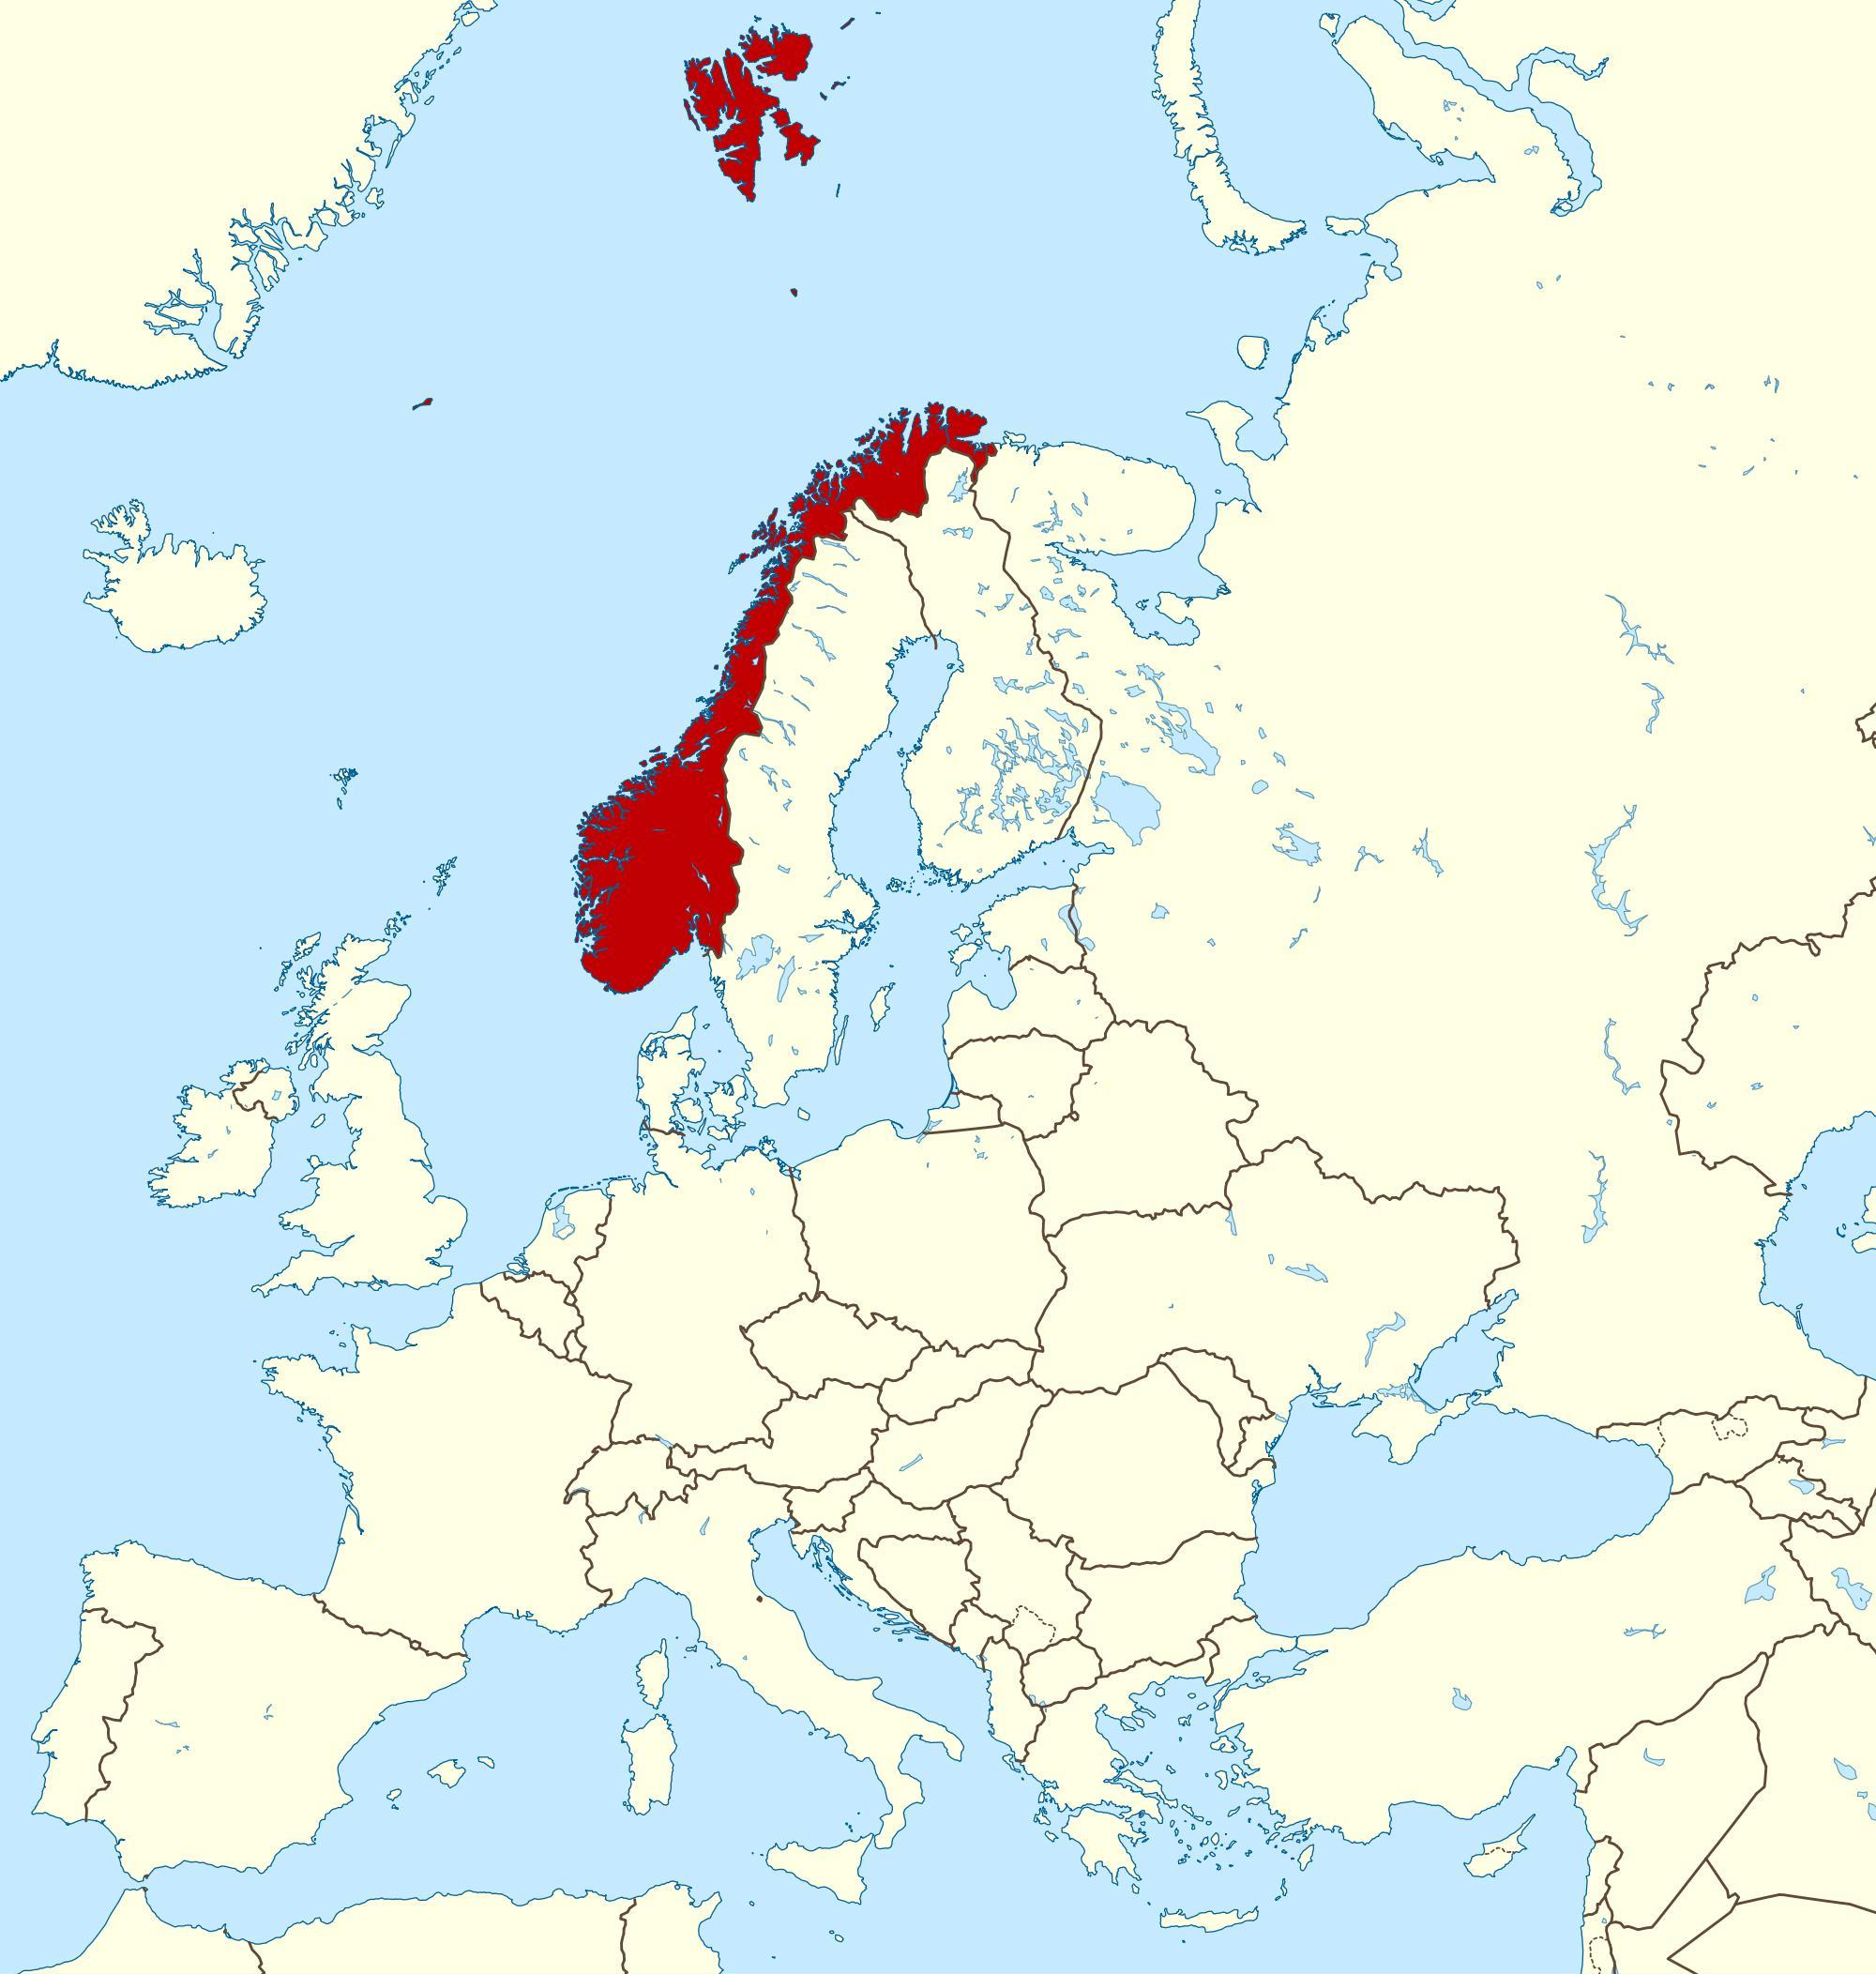 Europakarte Nordeuropa Karte.Norwegen Landkarte Von Europa Karte Von Norwegen Und Europa